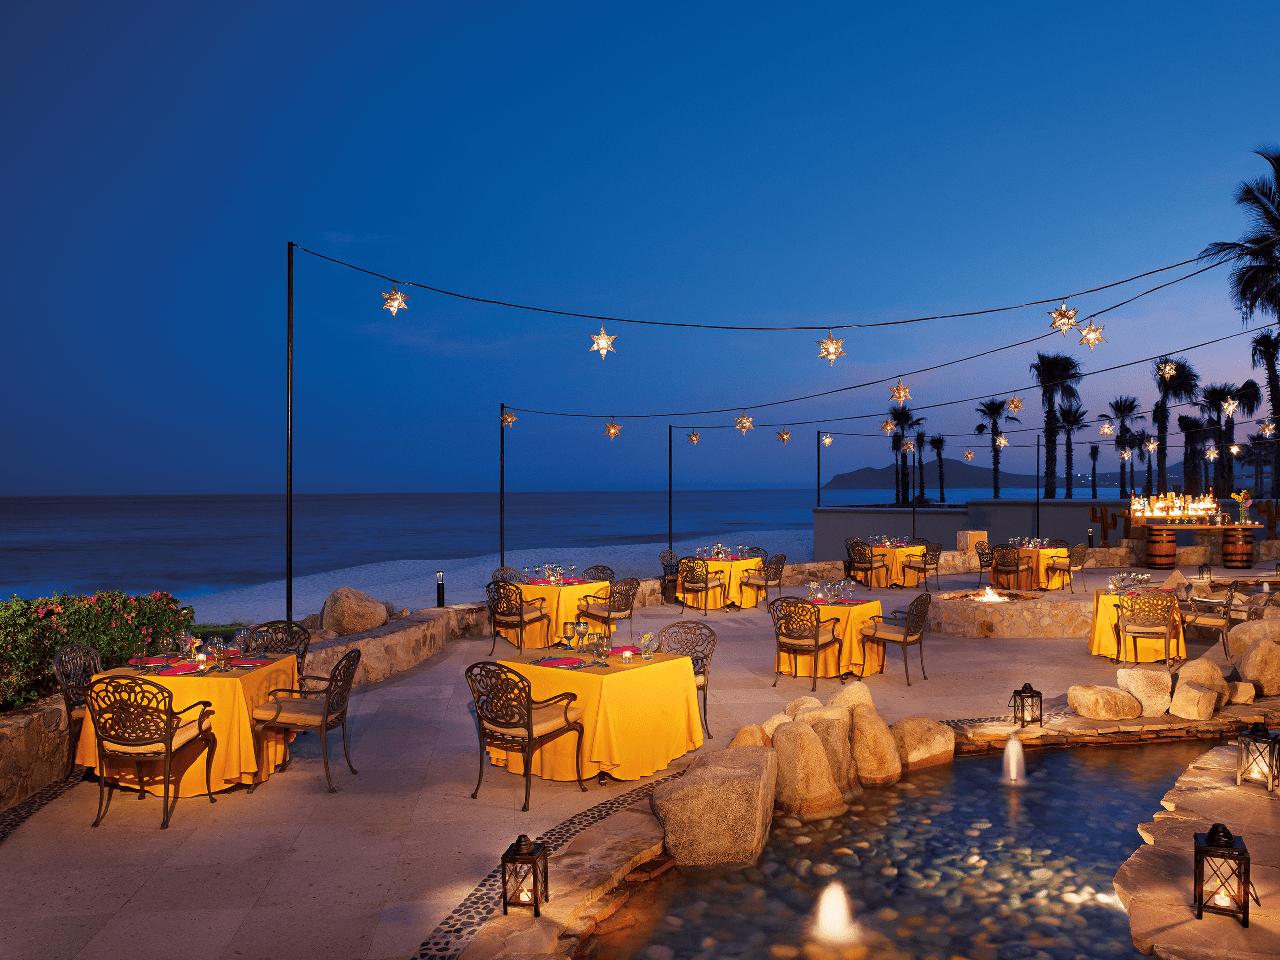 Bodas en la playa - luces de noche